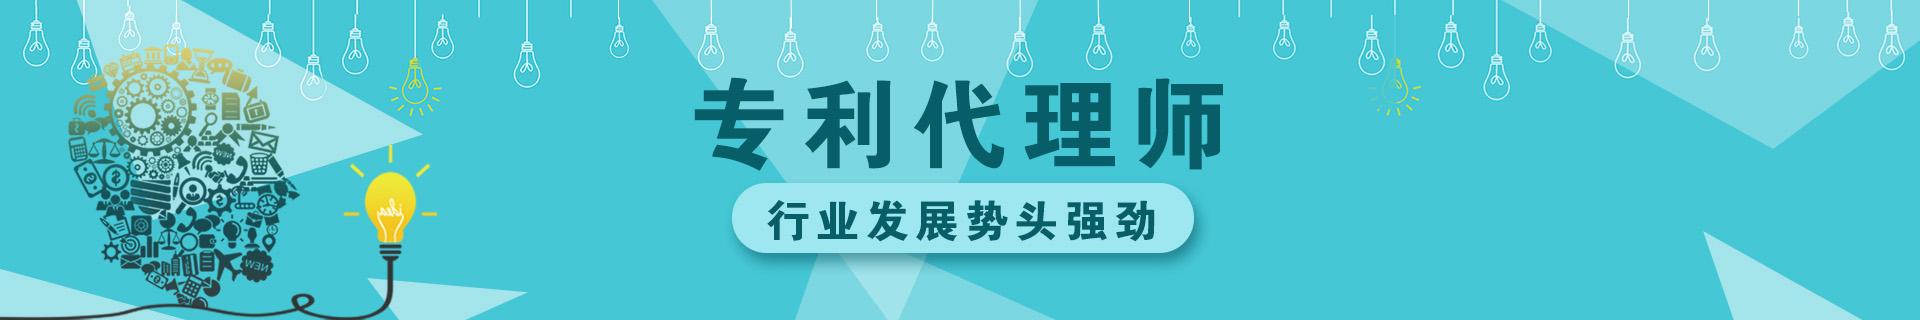 北京优路教育培训学校